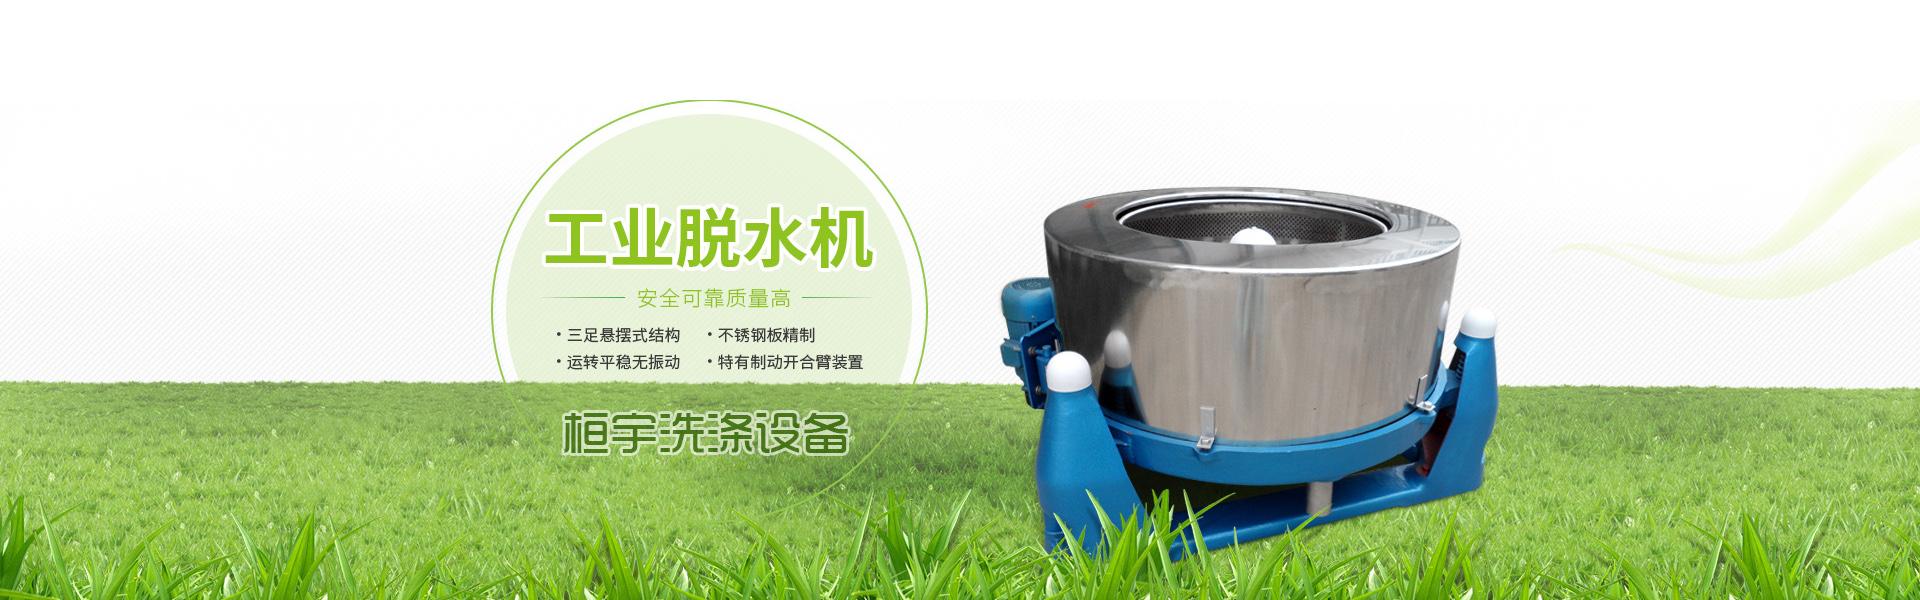 南宁大桓宇洗涤设备有限公司